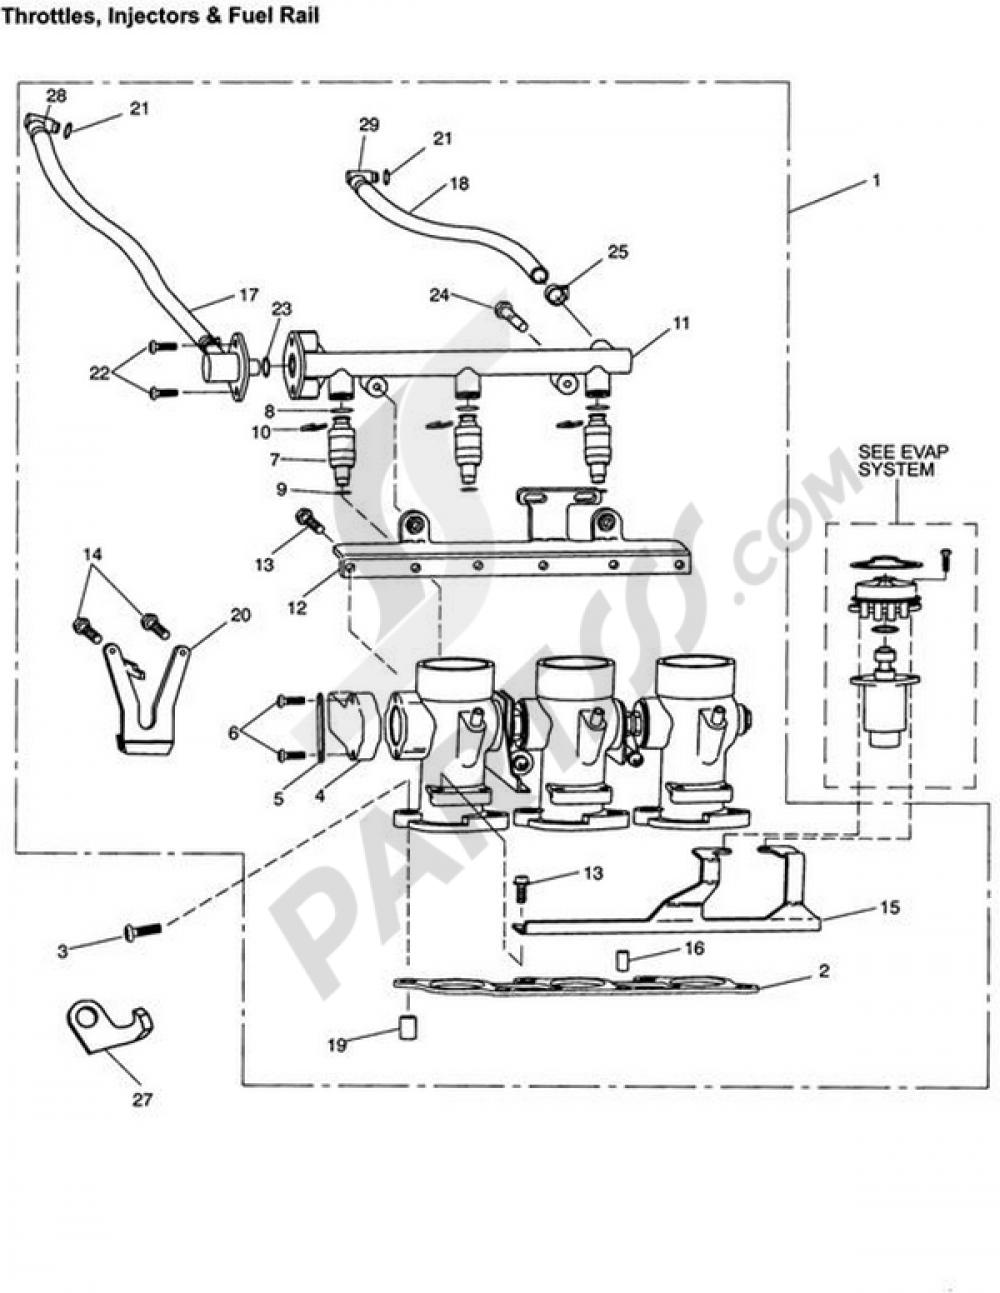 Throttles/Injectors and Fuel Rail Triumph TIGER 955i BASTIDOR A ...